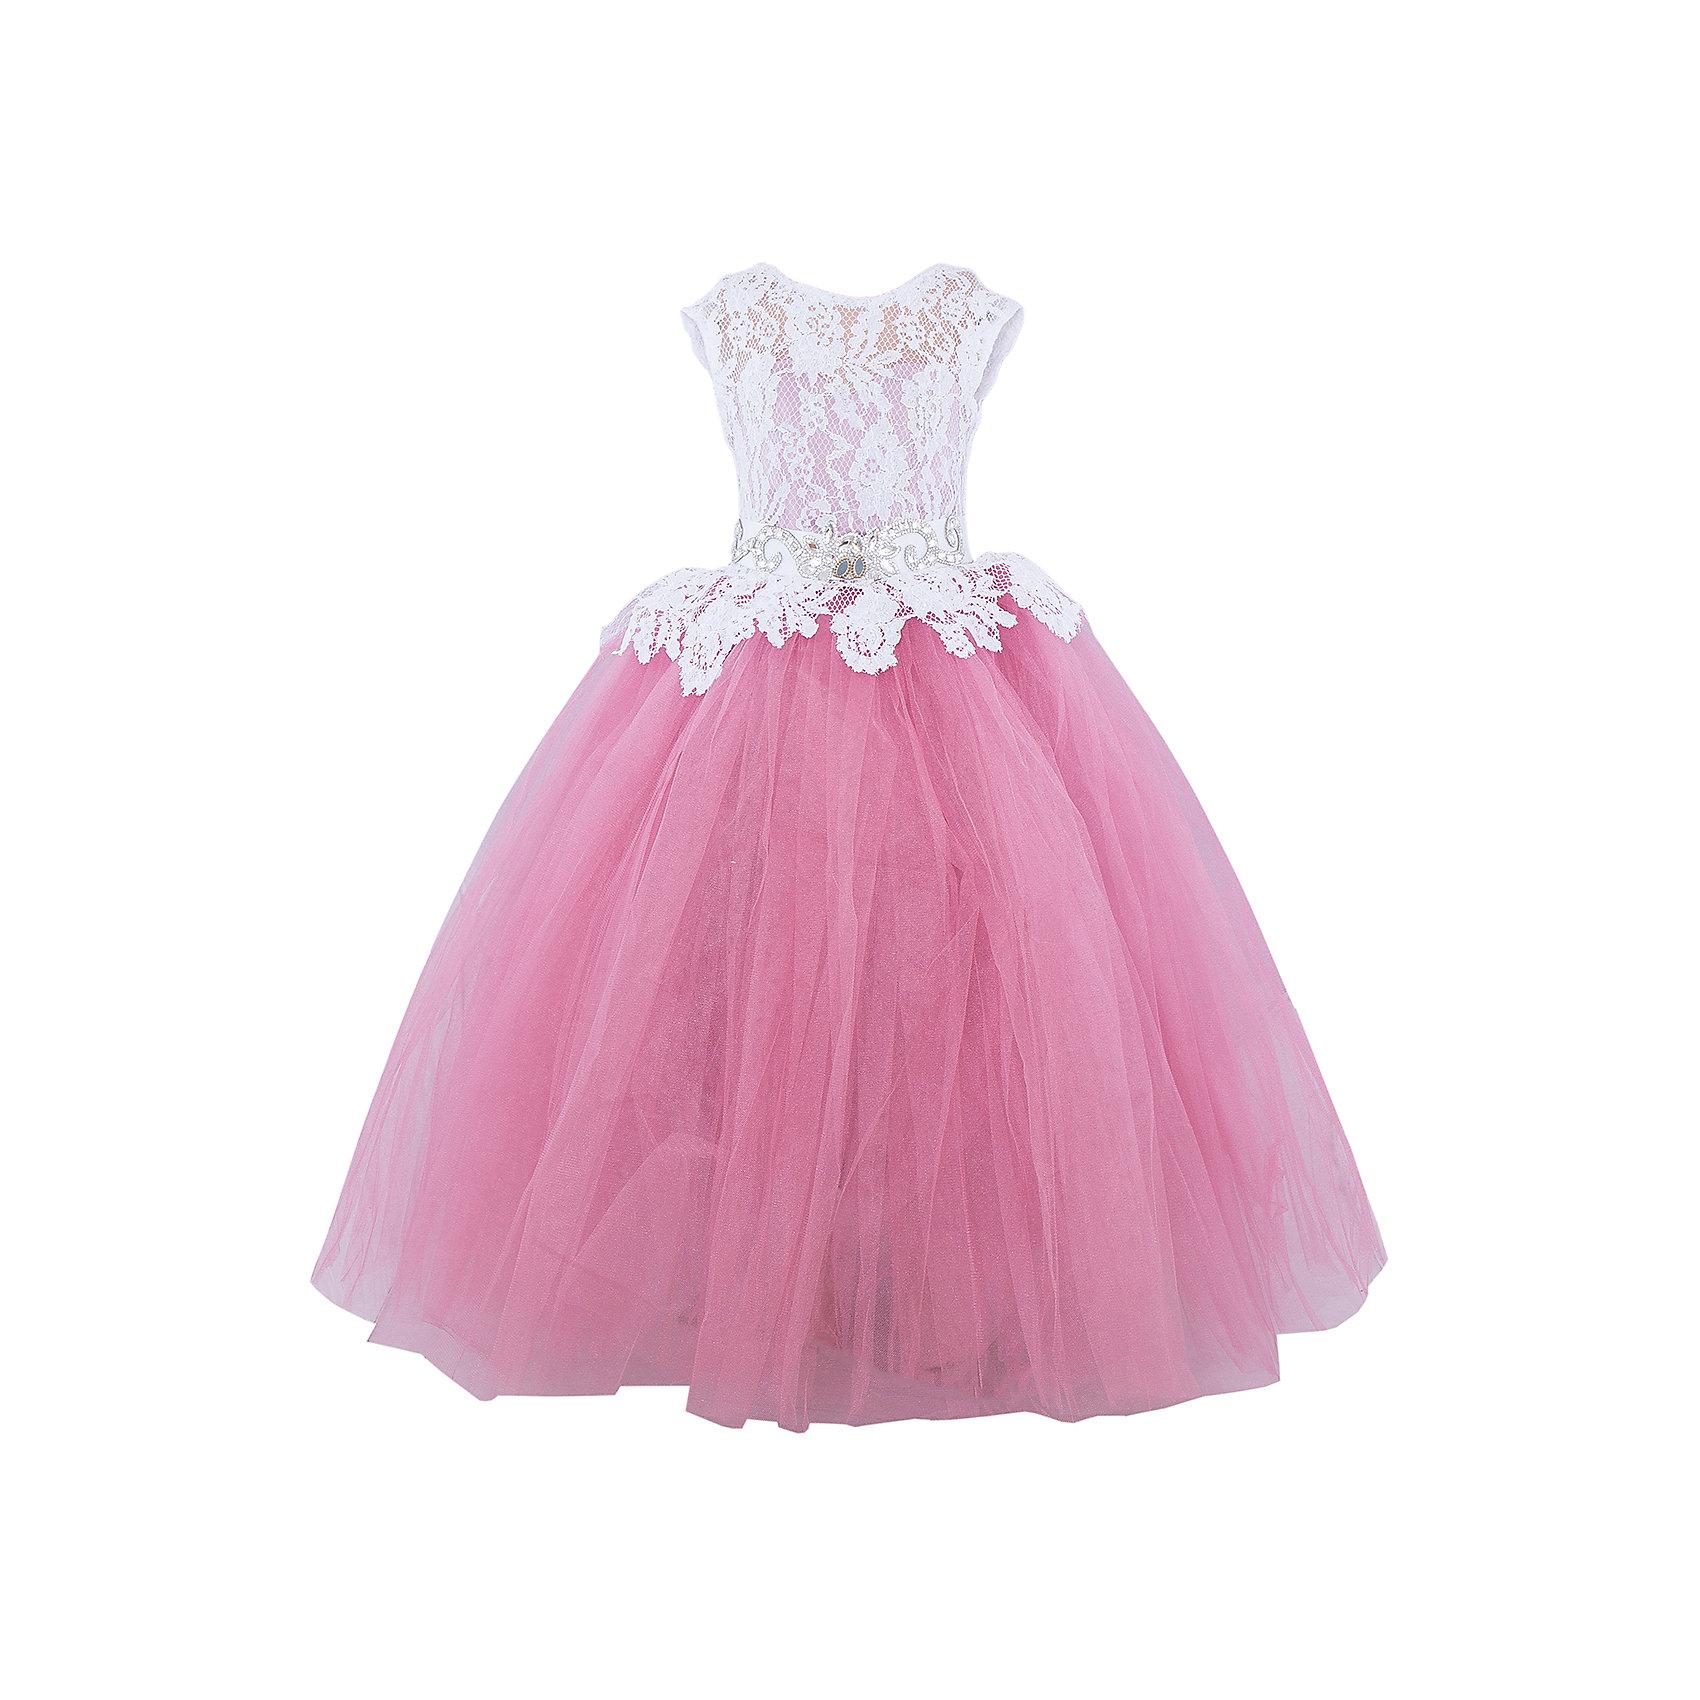 Платье нарядное ПрестижПлатье для девочки Престиж.<br><br>Характеристики:<br><br>• пышный силуэт<br>• корсет<br>• без рукавов<br>• цвет: красный<br>• состав: 100% полиэстер<br><br>Платье для девочки Престиж имеет пышный силуэт и яркий дизайн. Полупрозрачный кружевной верх платья идеально дополняет яркую юбку. Платье дополнено красивым поясом с украшением. С этим платьем девочка всегда будет в центре внимания!<br><br>Платье регулируется шнуровкой сзади, от талии до верха спинки. Шнуровка в комплекте.<br>Платье подходит для занятий бальными танцами.<br><br>Вы можете приобрести платье для девочки Престиж в нашем интернет-магазине.<br><br>Ширина мм: 236<br>Глубина мм: 16<br>Высота мм: 184<br>Вес г: 177<br>Цвет: розовый<br>Возраст от месяцев: 96<br>Возраст до месяцев: 108<br>Пол: Женский<br>Возраст: Детский<br>Размер: 128,116,122<br>SKU: 5158366